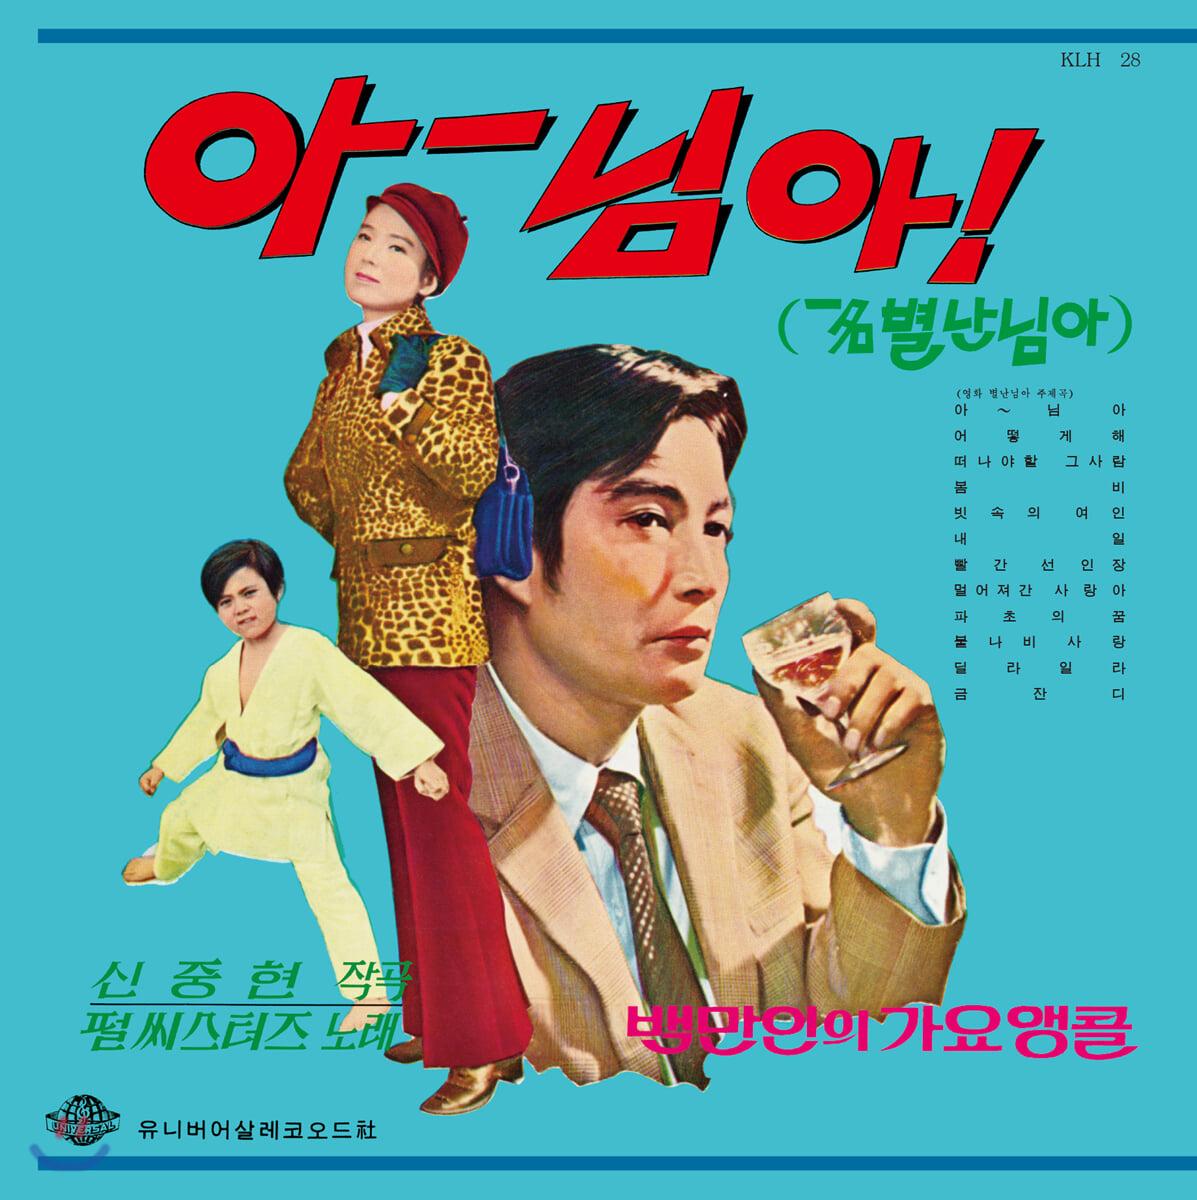 백만인의 가요 앵콜 Vol. 1: 아~ 님아! [LP]